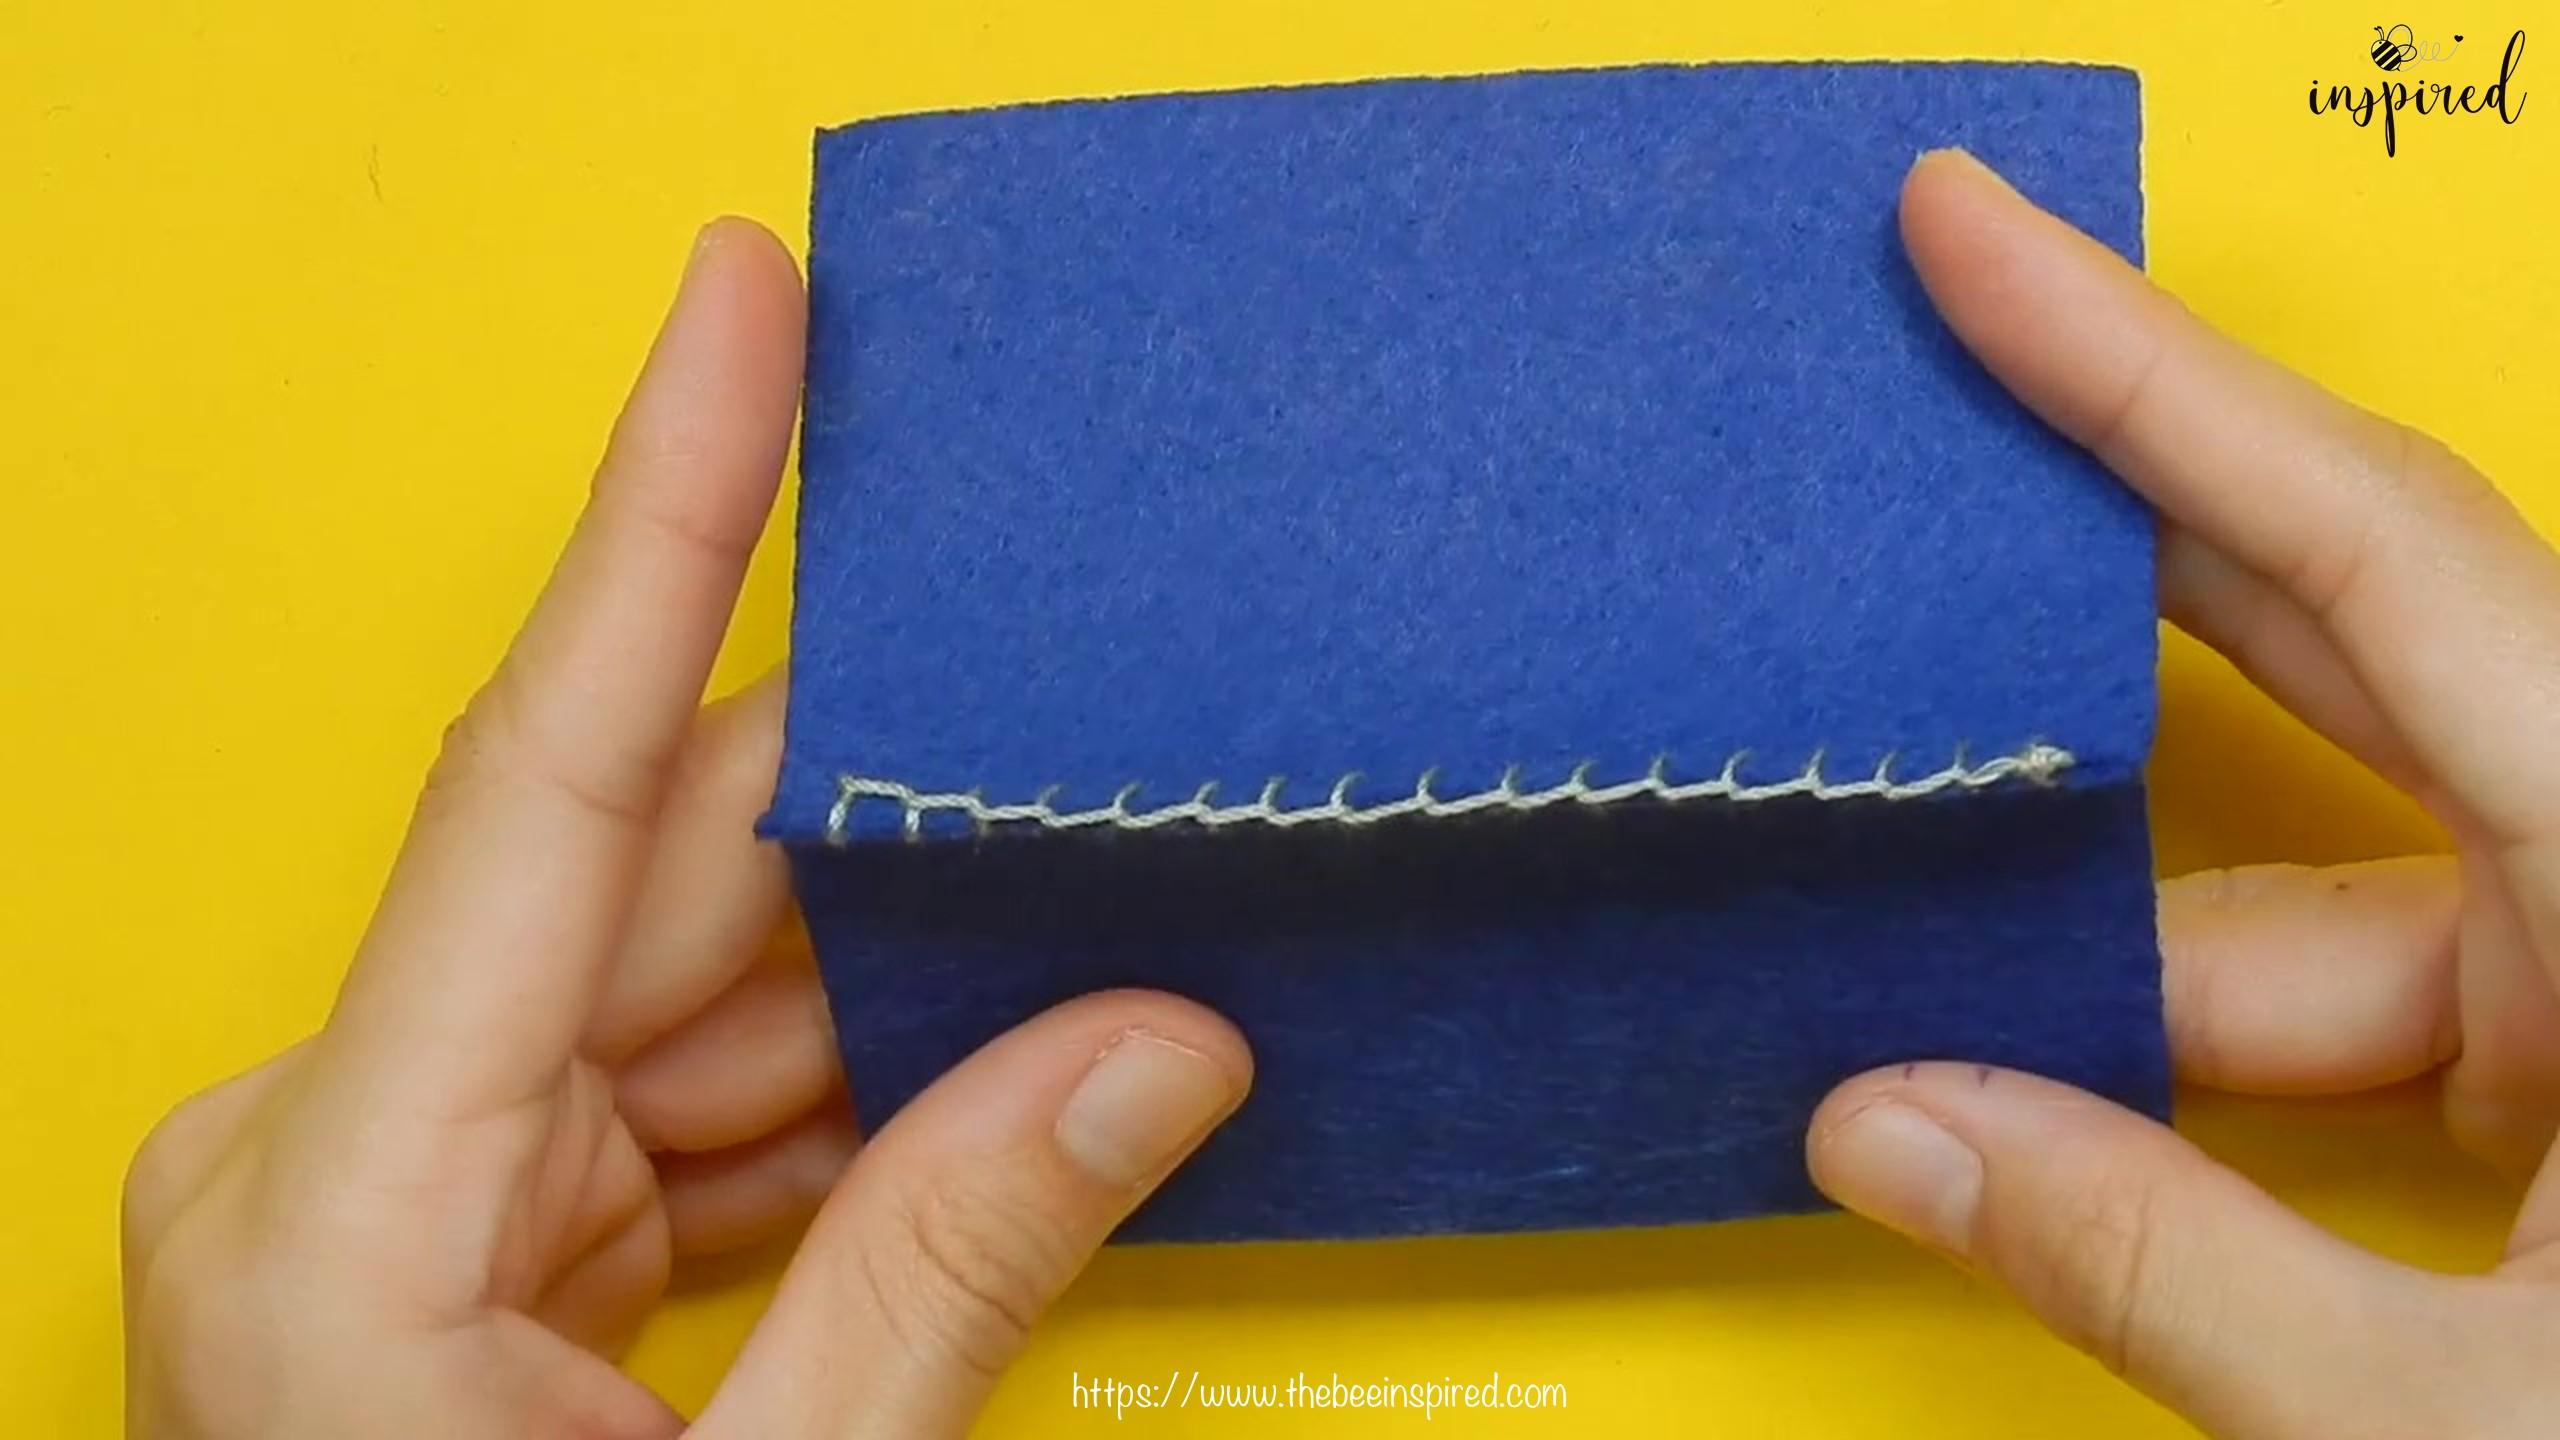 วิธีการเย็บลายปักริมผ้าห่ม (How to Sew a Blanket Stitch) _ วิธีเย็บเก็บริมผ้าโดยไม่ใช้จักรโพ้ง_16